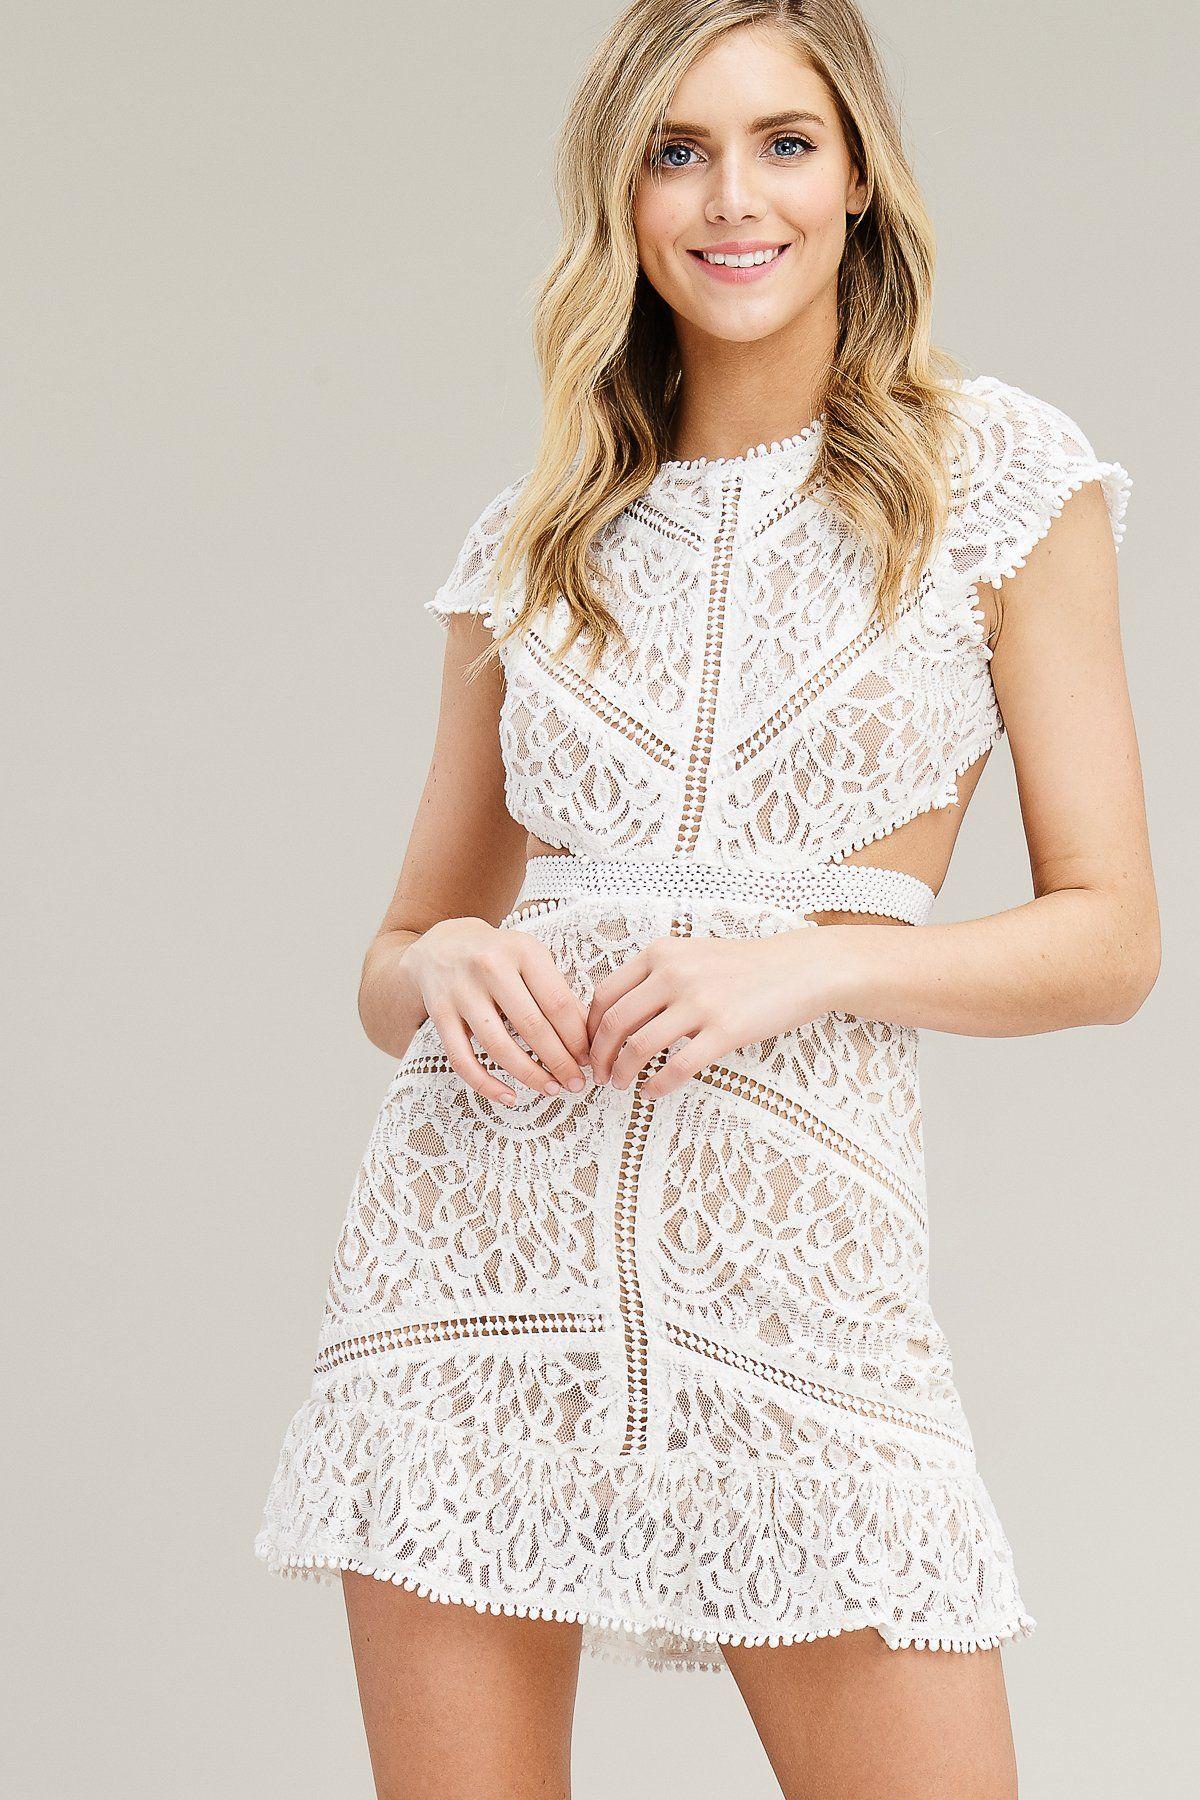 Claire Lace Cutout Dress Final White Lace Mini Dress Cutout Dress White Lace Dress Short